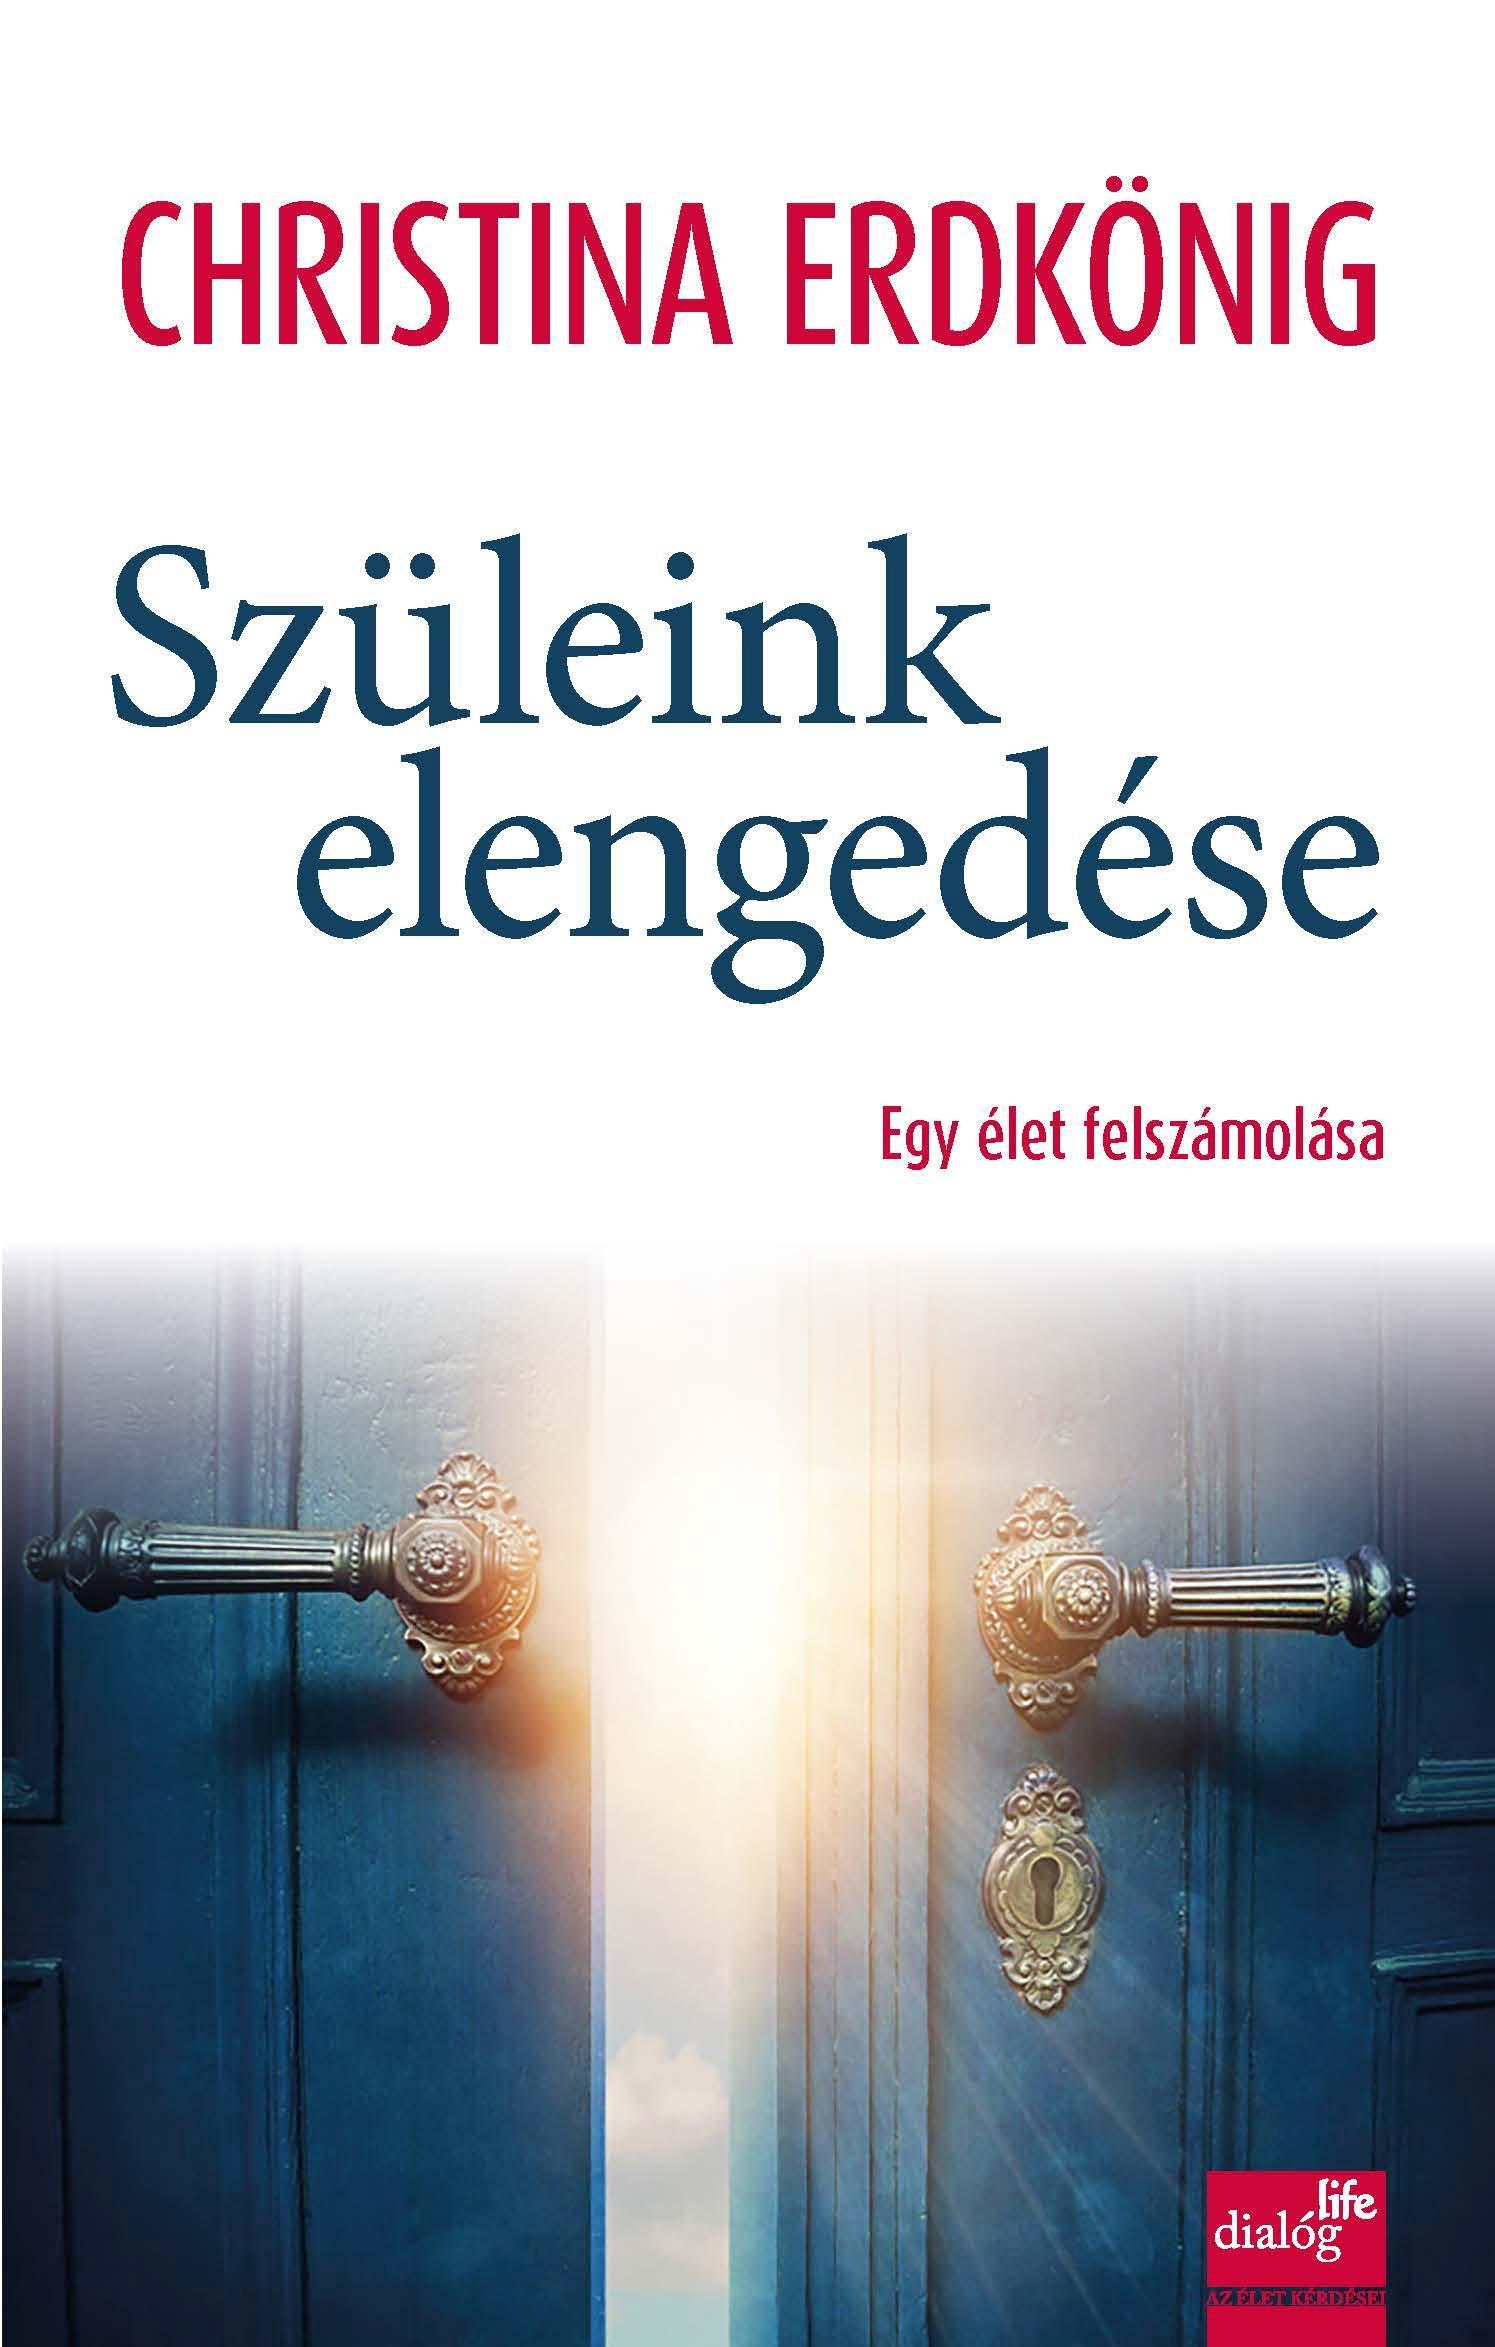 SZÜLEINK ELENGEDÉSE - EGY ÉLET FELSZÁMOLÁSA